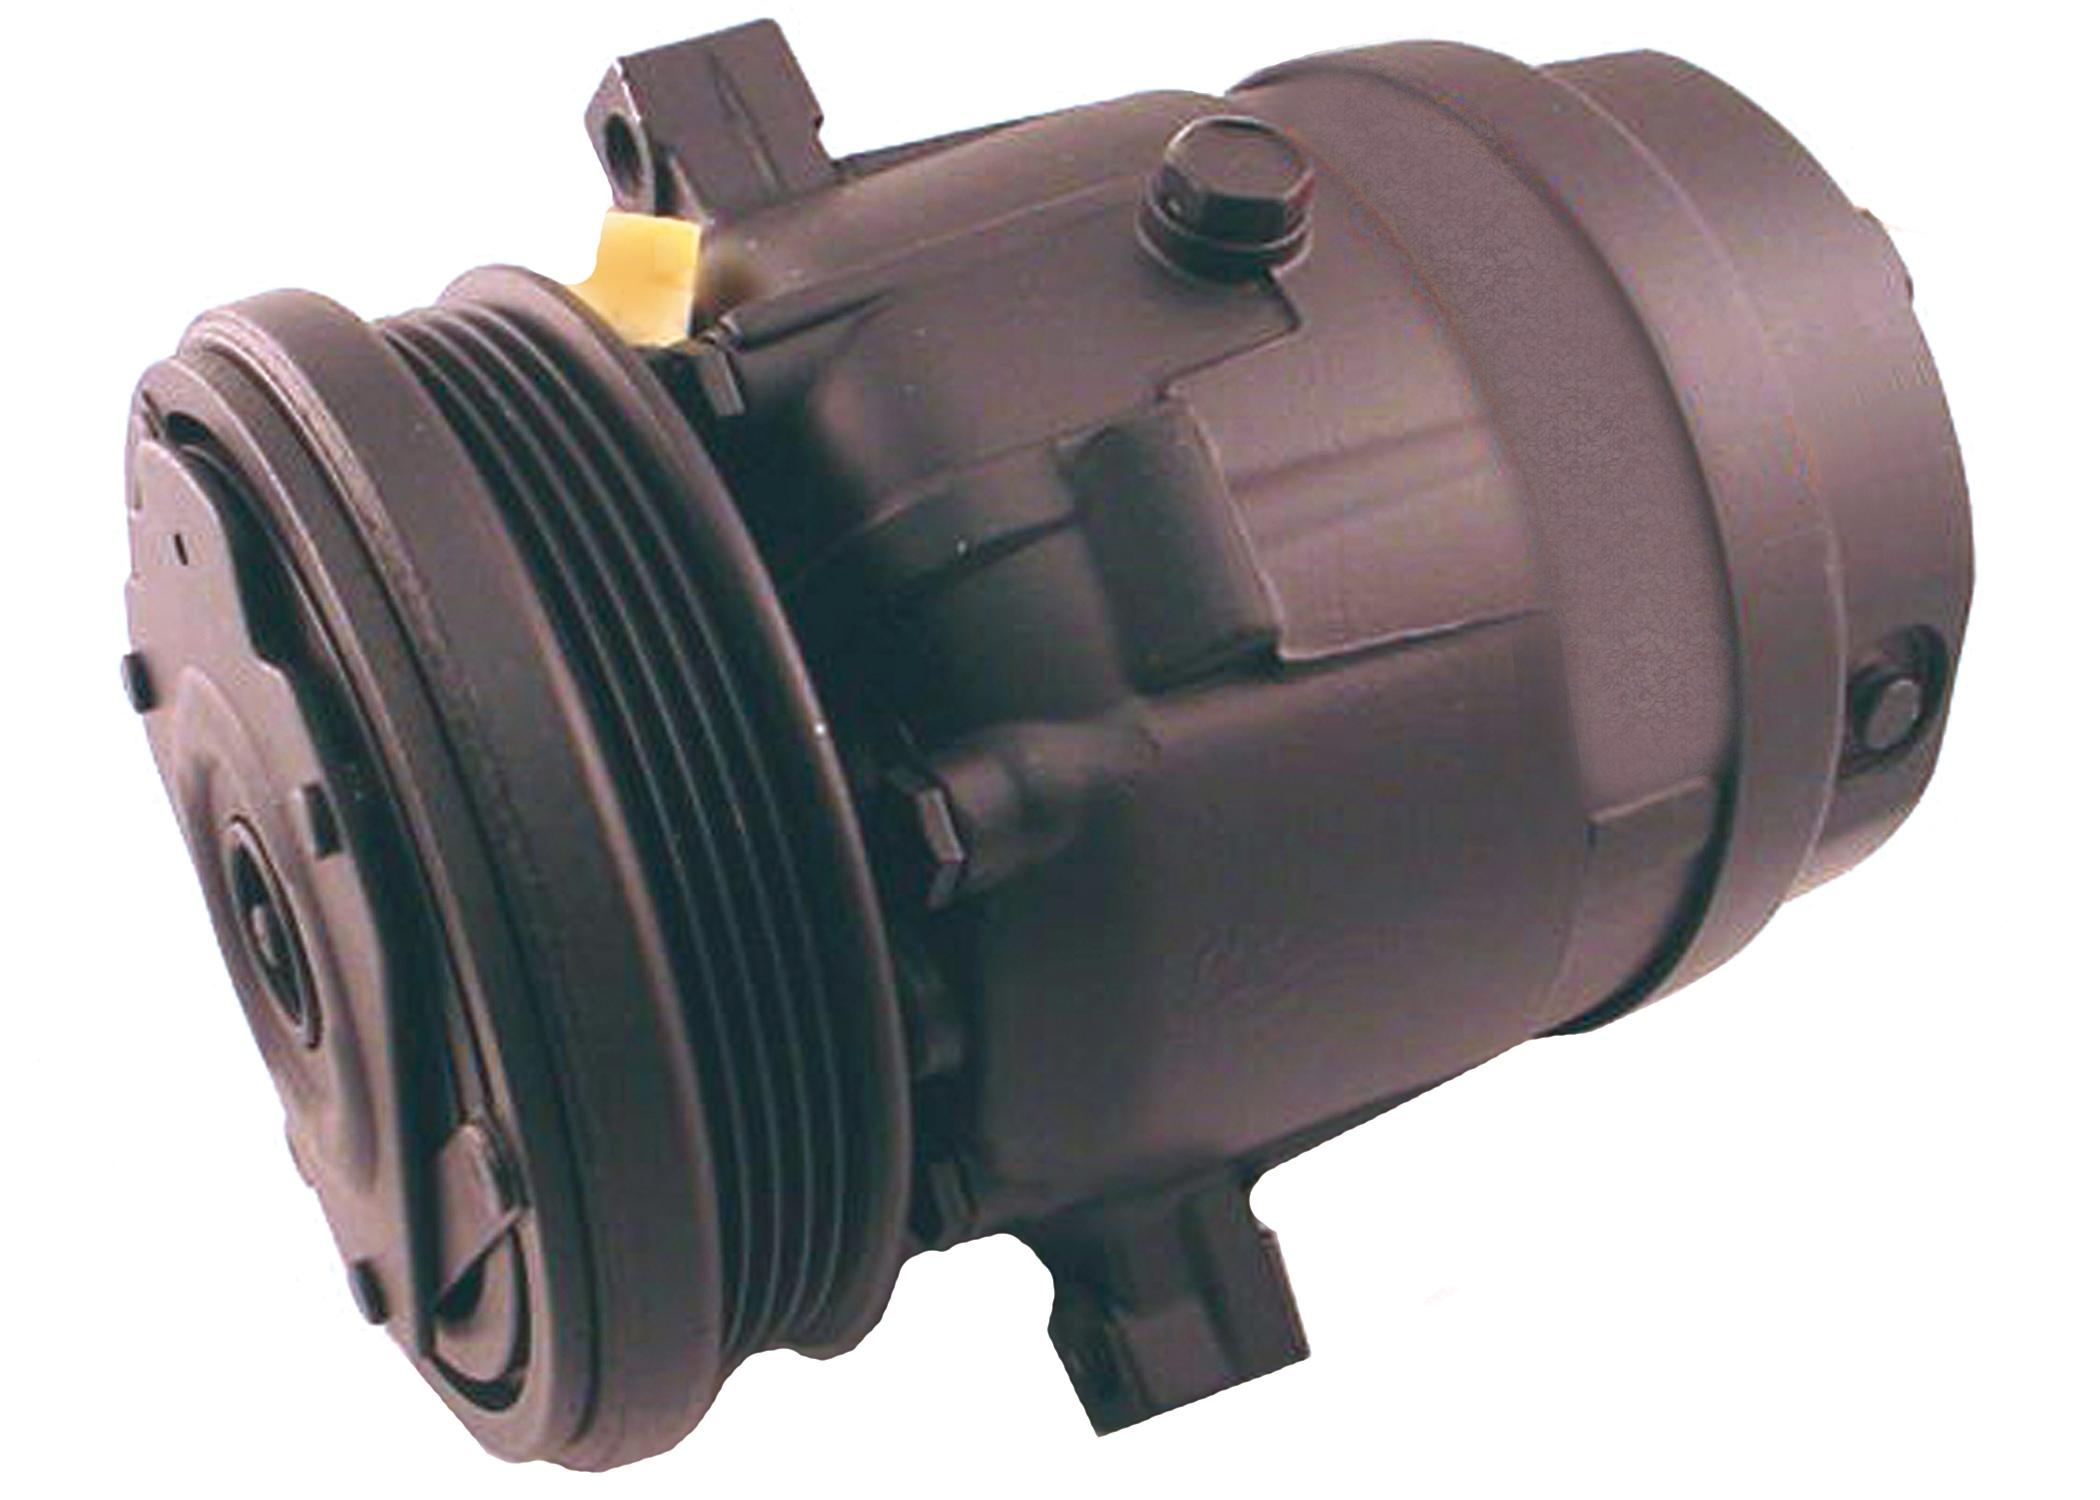 ACDELCO GM ORIGINAL EQUIPMENT - Reman A/C Compressor - DCB 15-21206